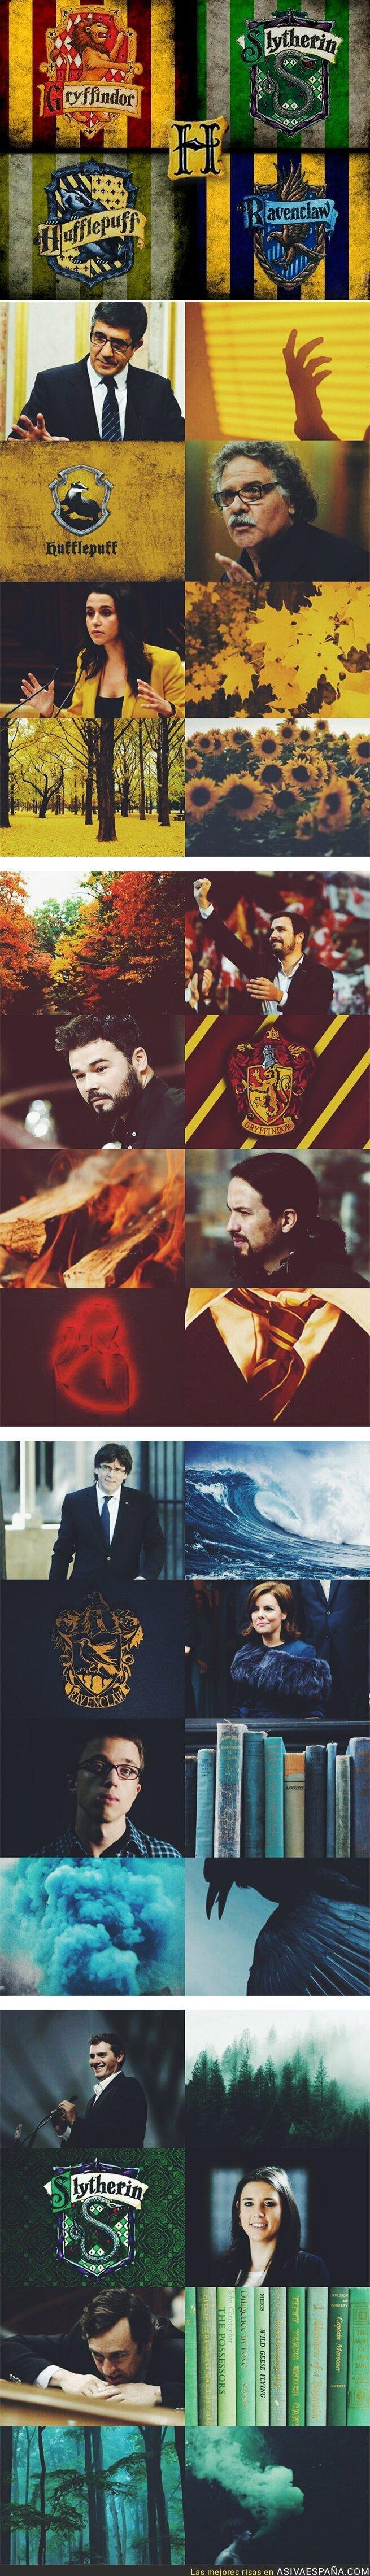 59671 - Así serían las casas de Hogwarts con los políticos españoles